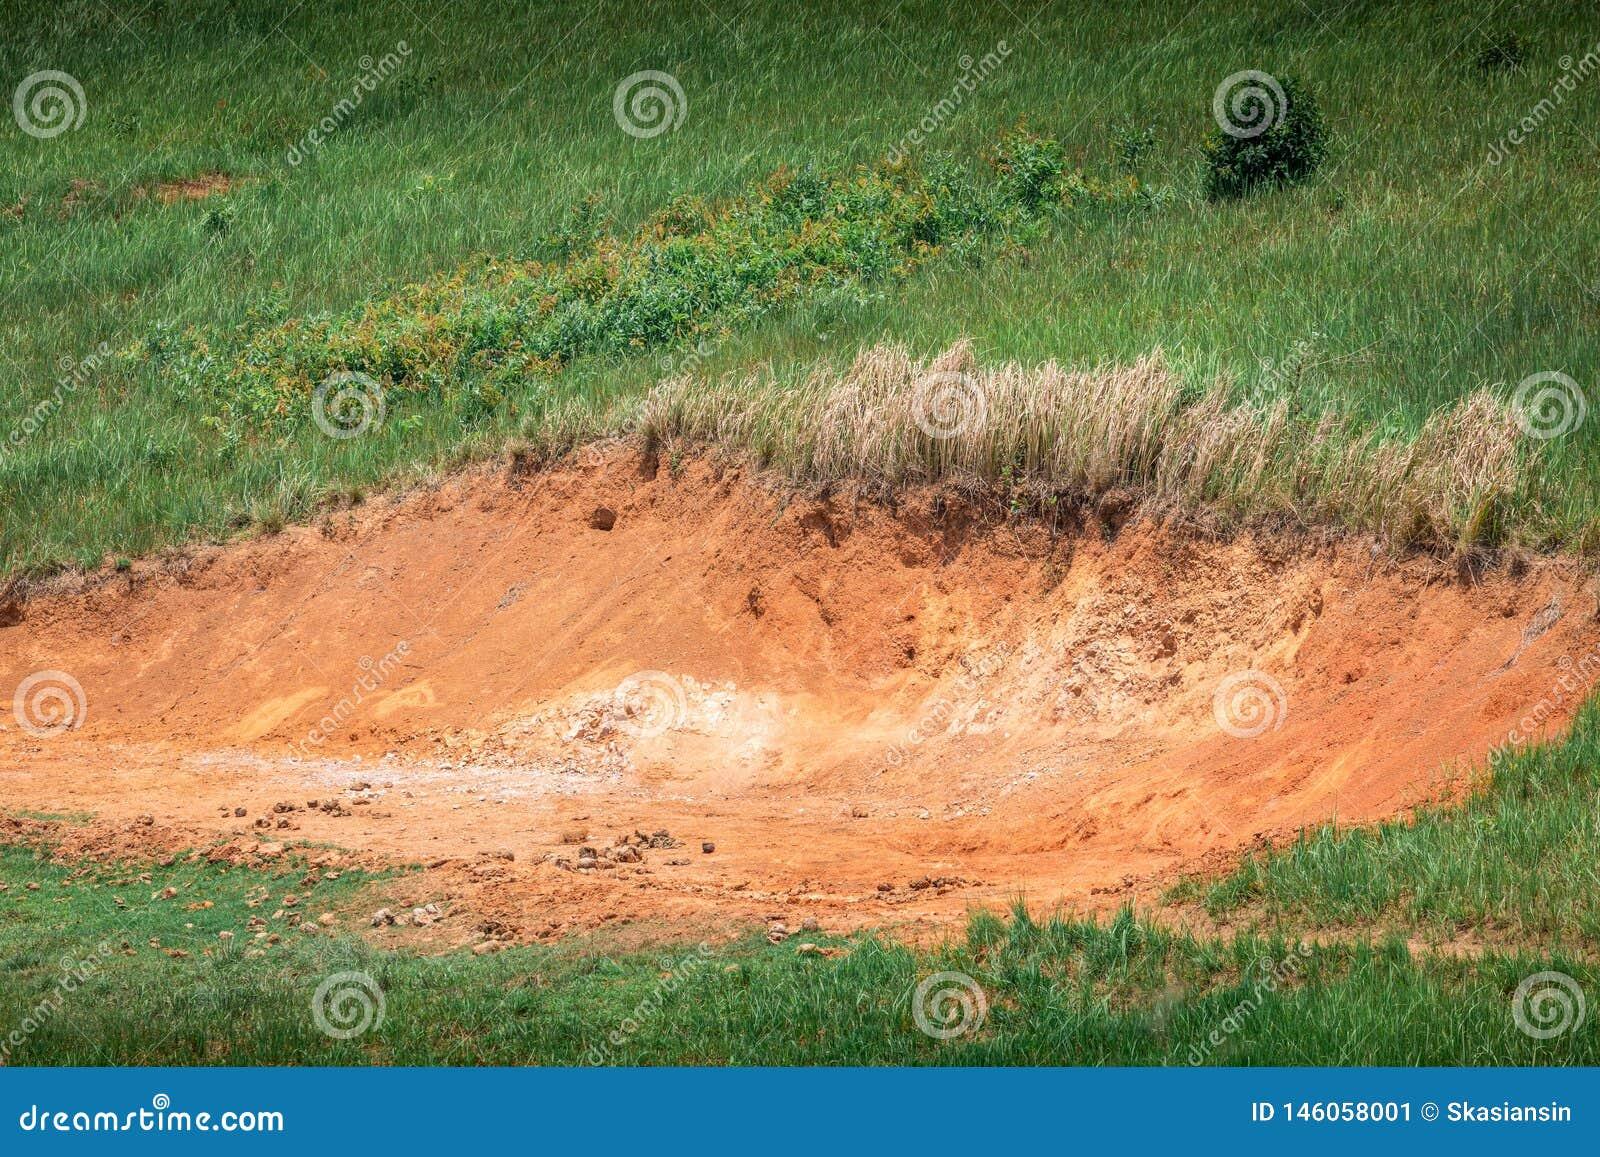 Hold of soil for wild animal